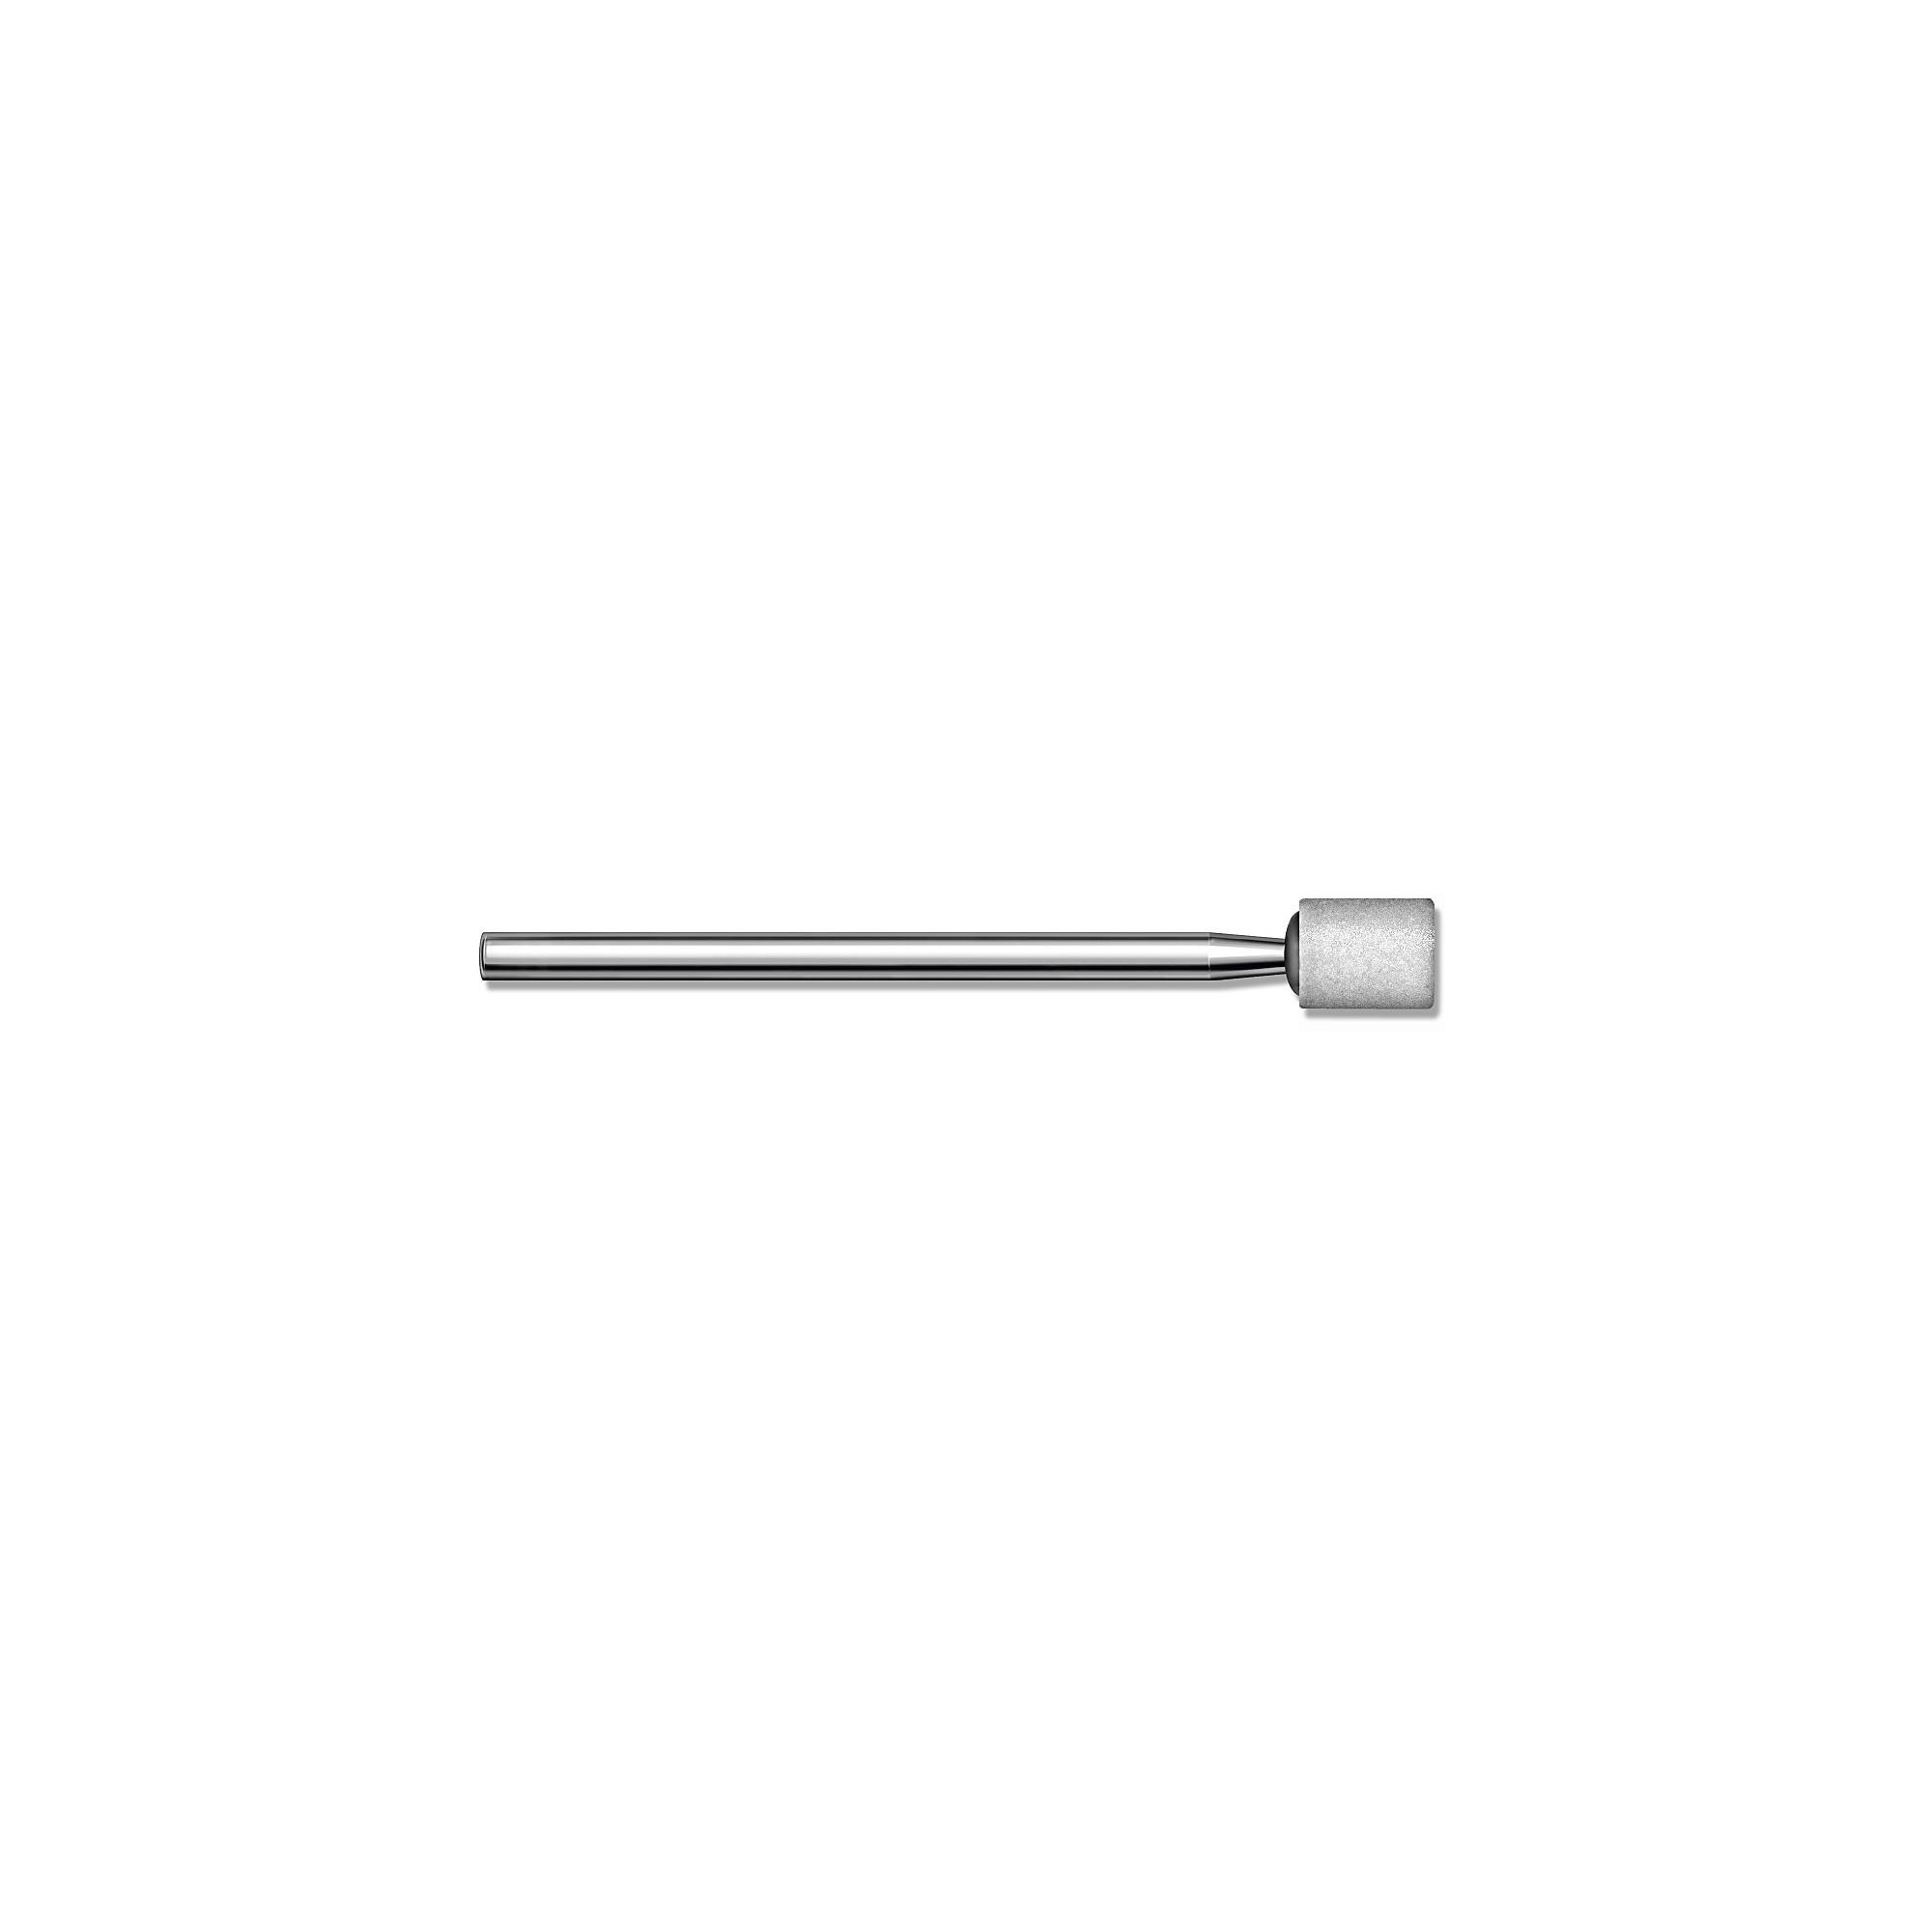 Fraise 671 - Corindon - Abrasion fine de l'ongle et de la peau - 5 mm